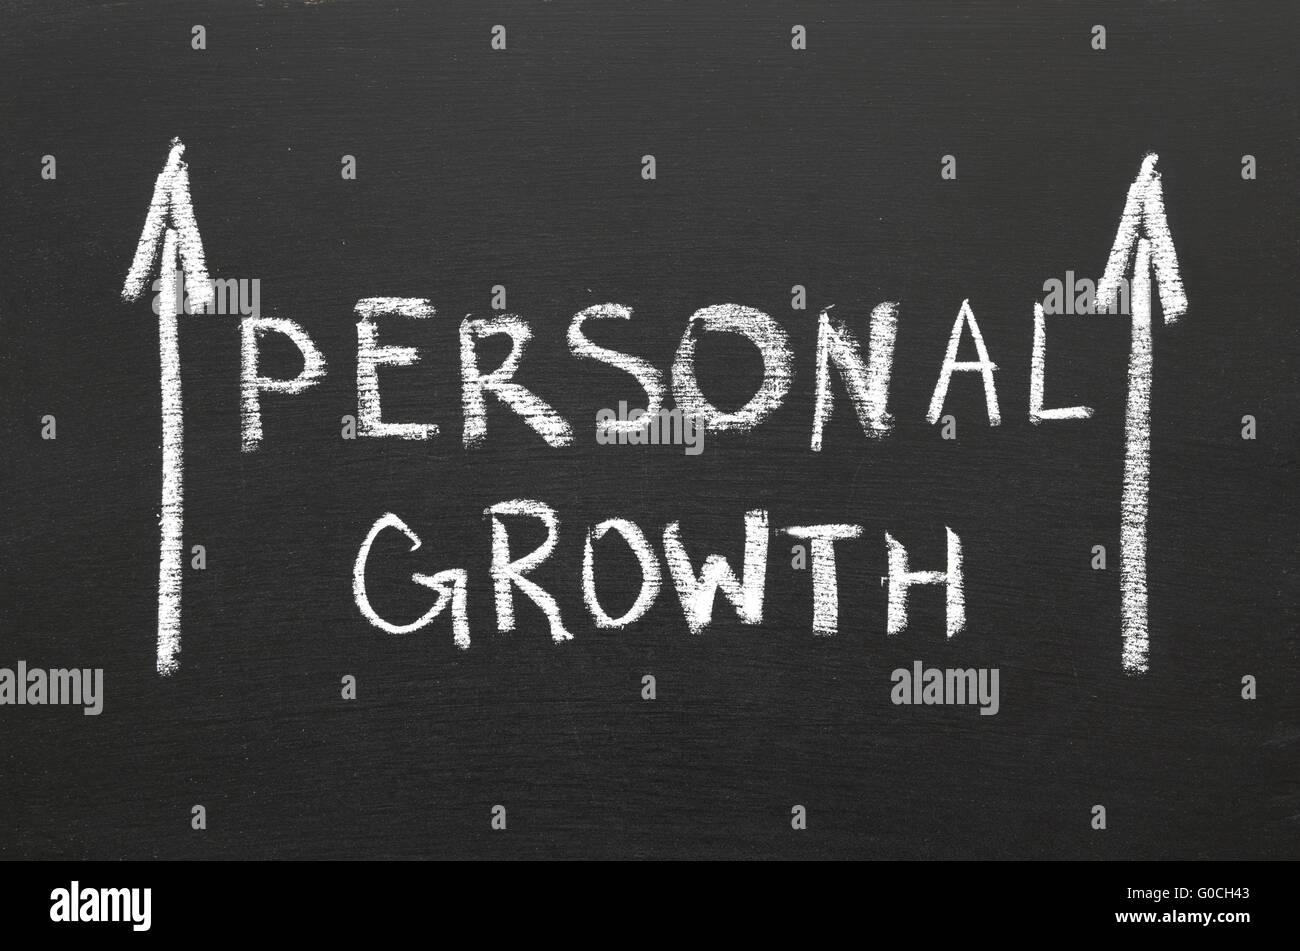 crecimiento personal Imagen De Stock